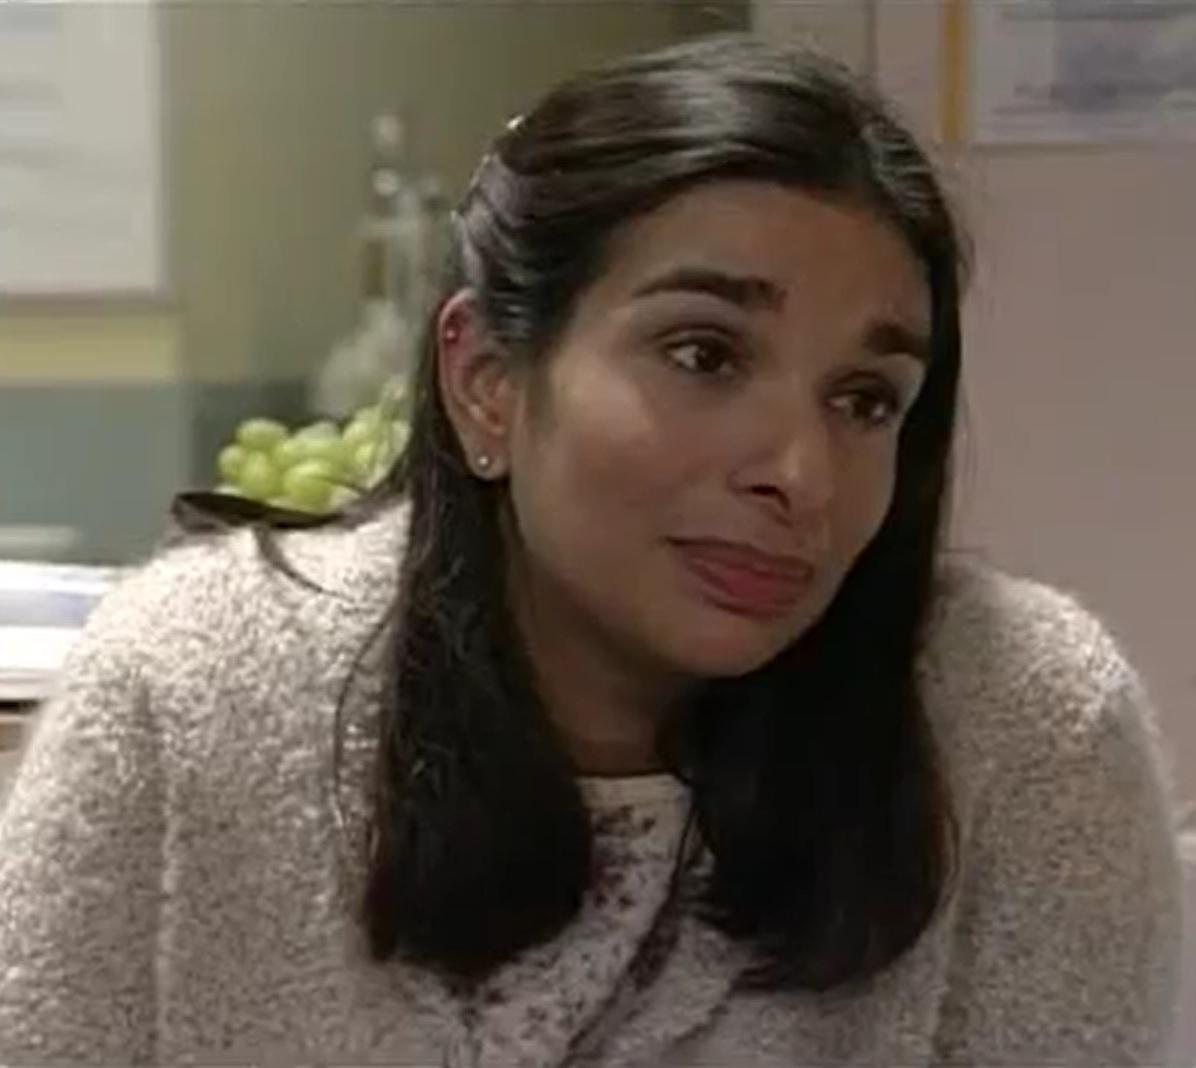 Ameena Badawi